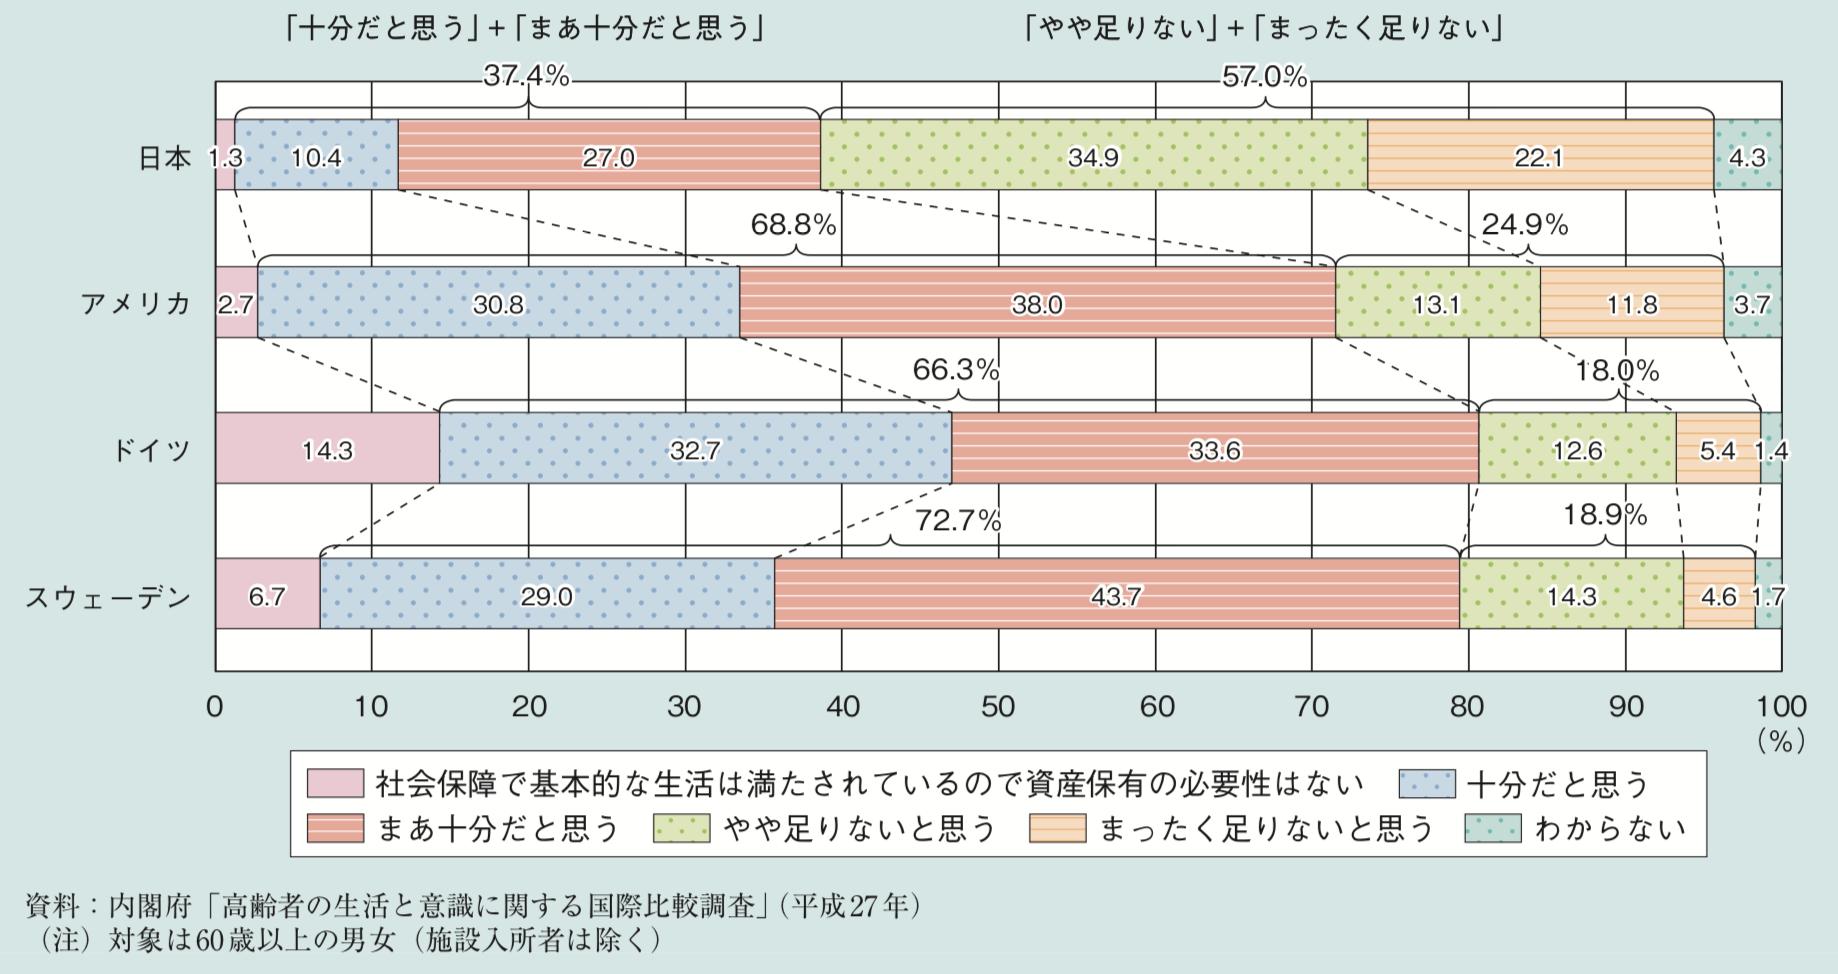 日本の高齢者の老後資産の割合